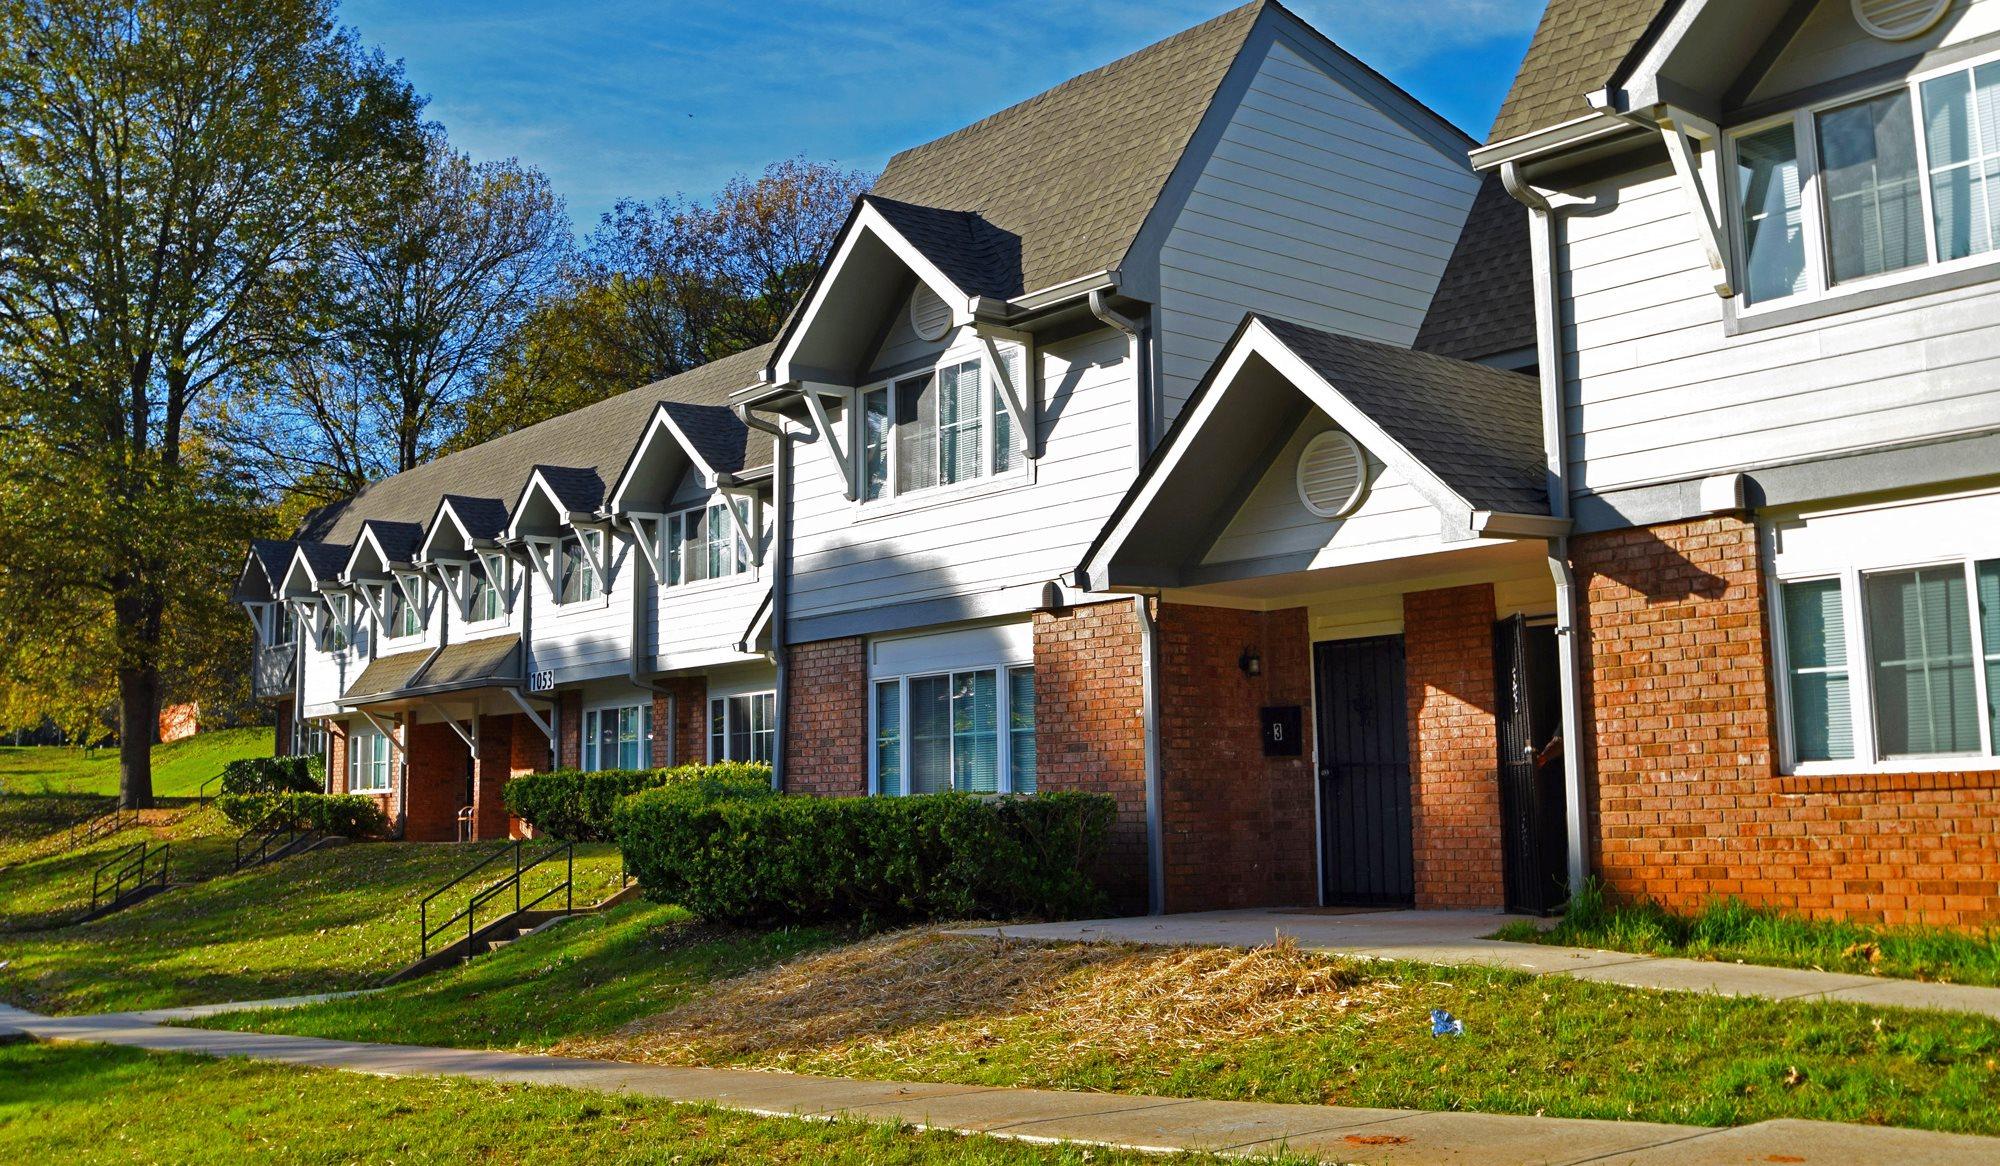 Stanton Oaks Apartments